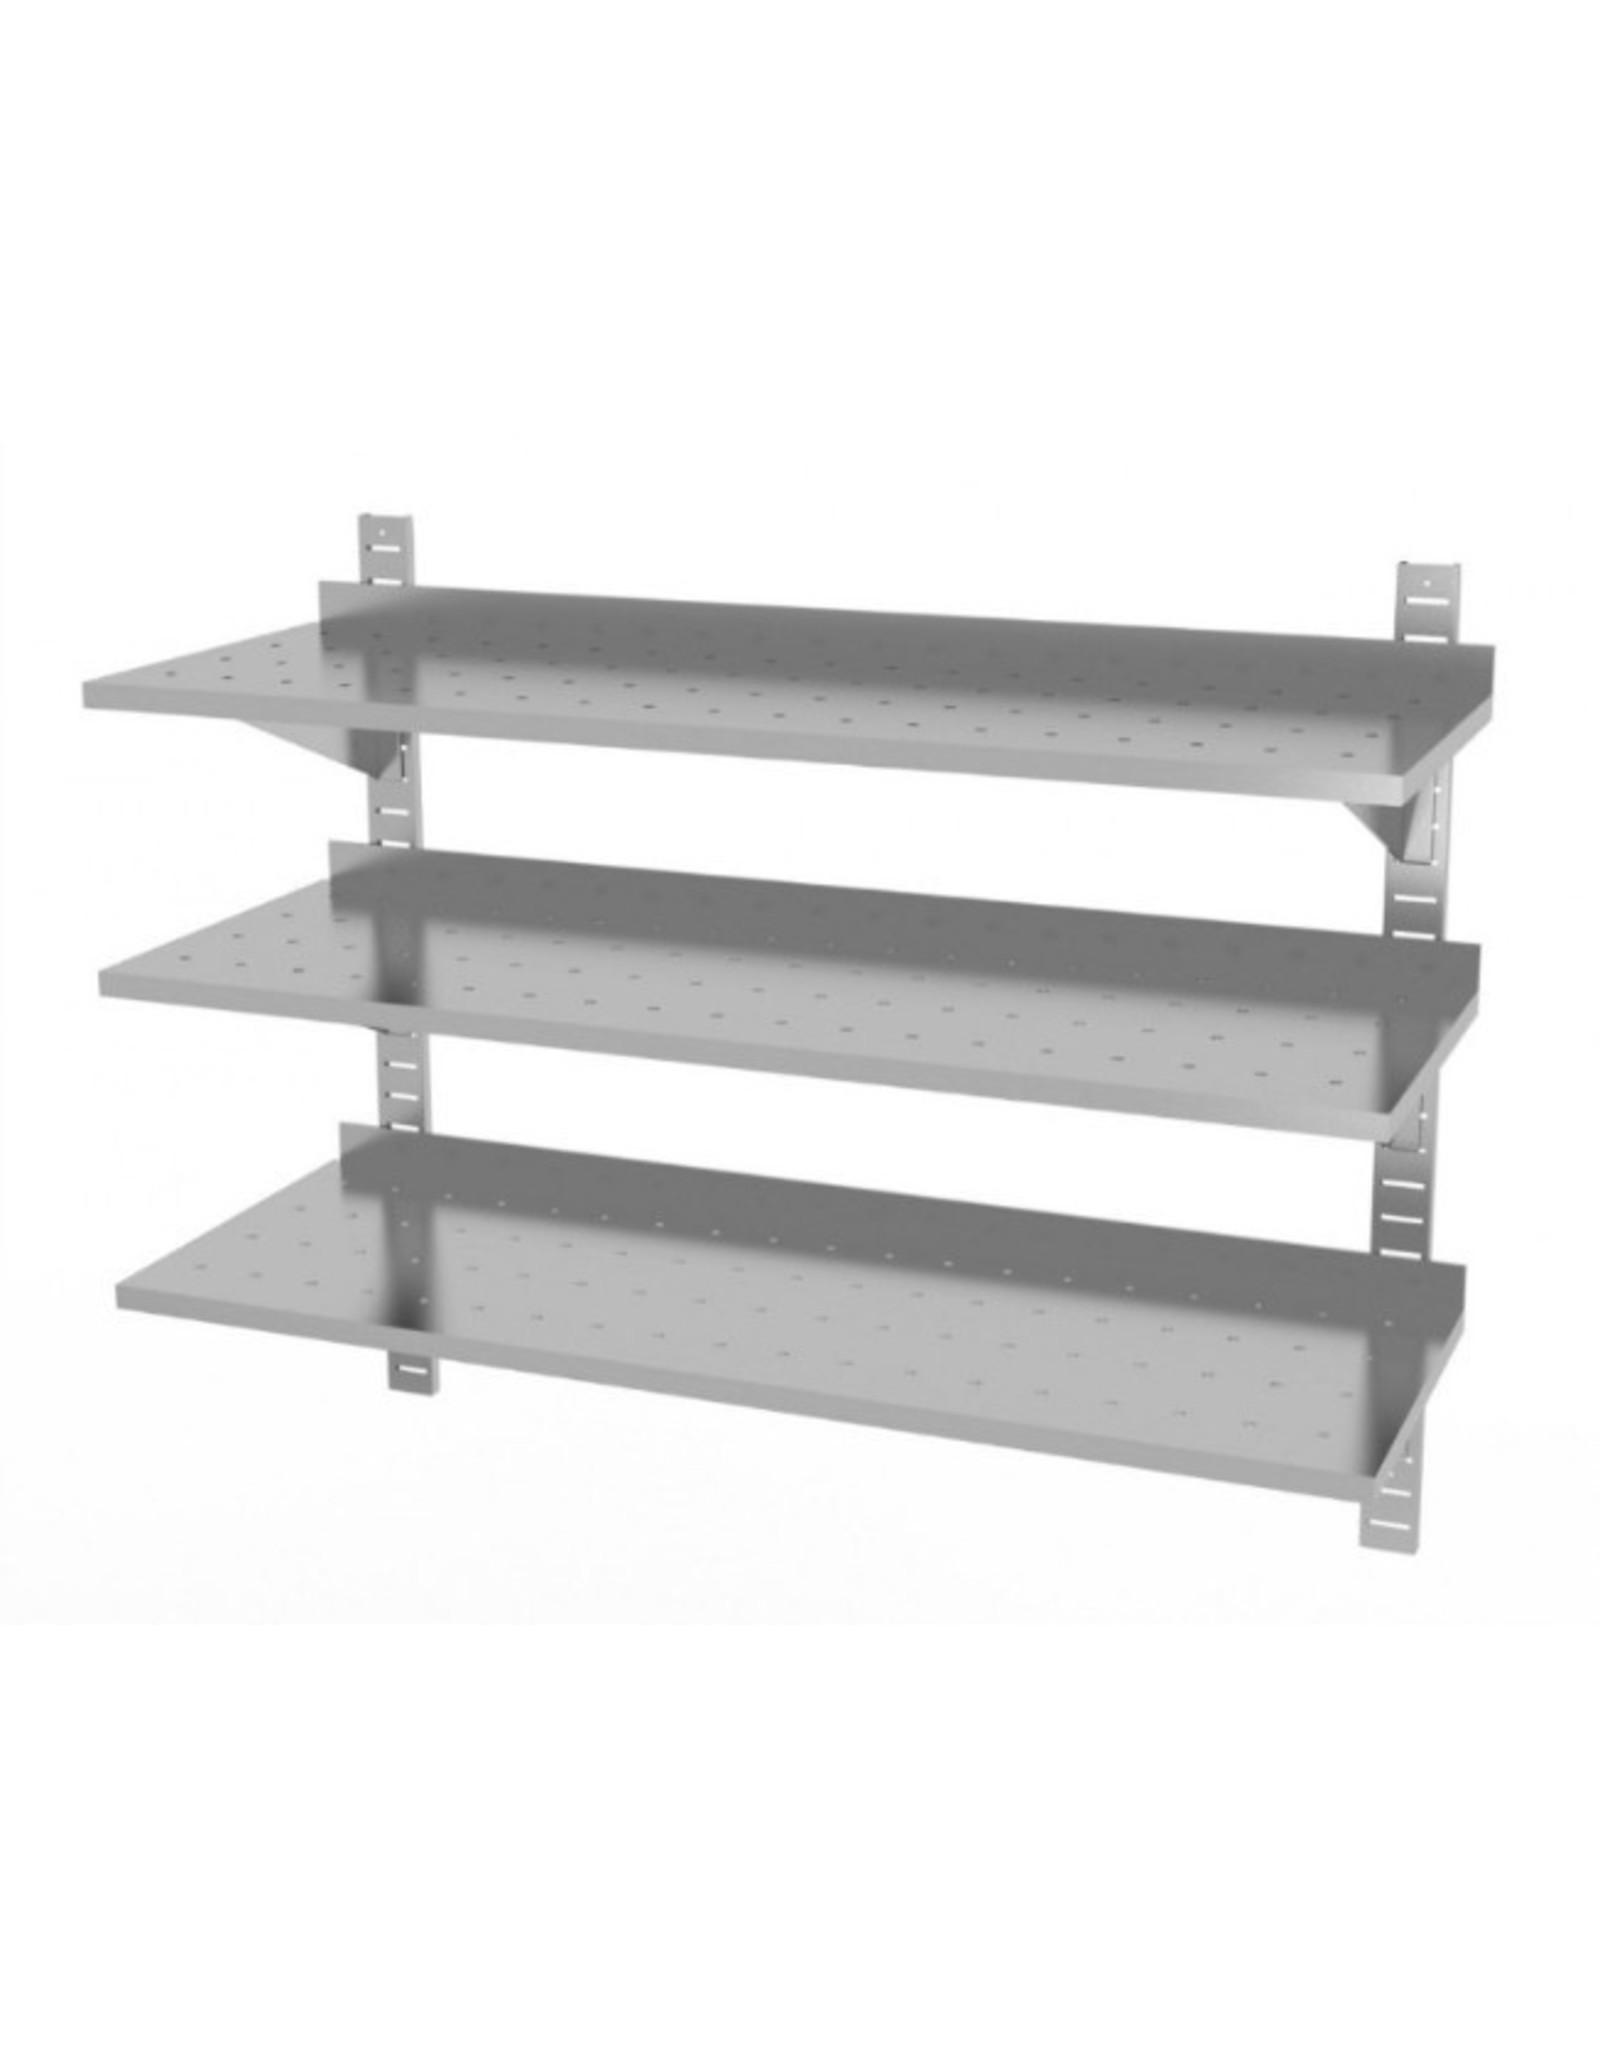 Wandplank geperforeerd | 3 planken | met 2 beugels | 600-1500mm breed | 300 of 400mm diep